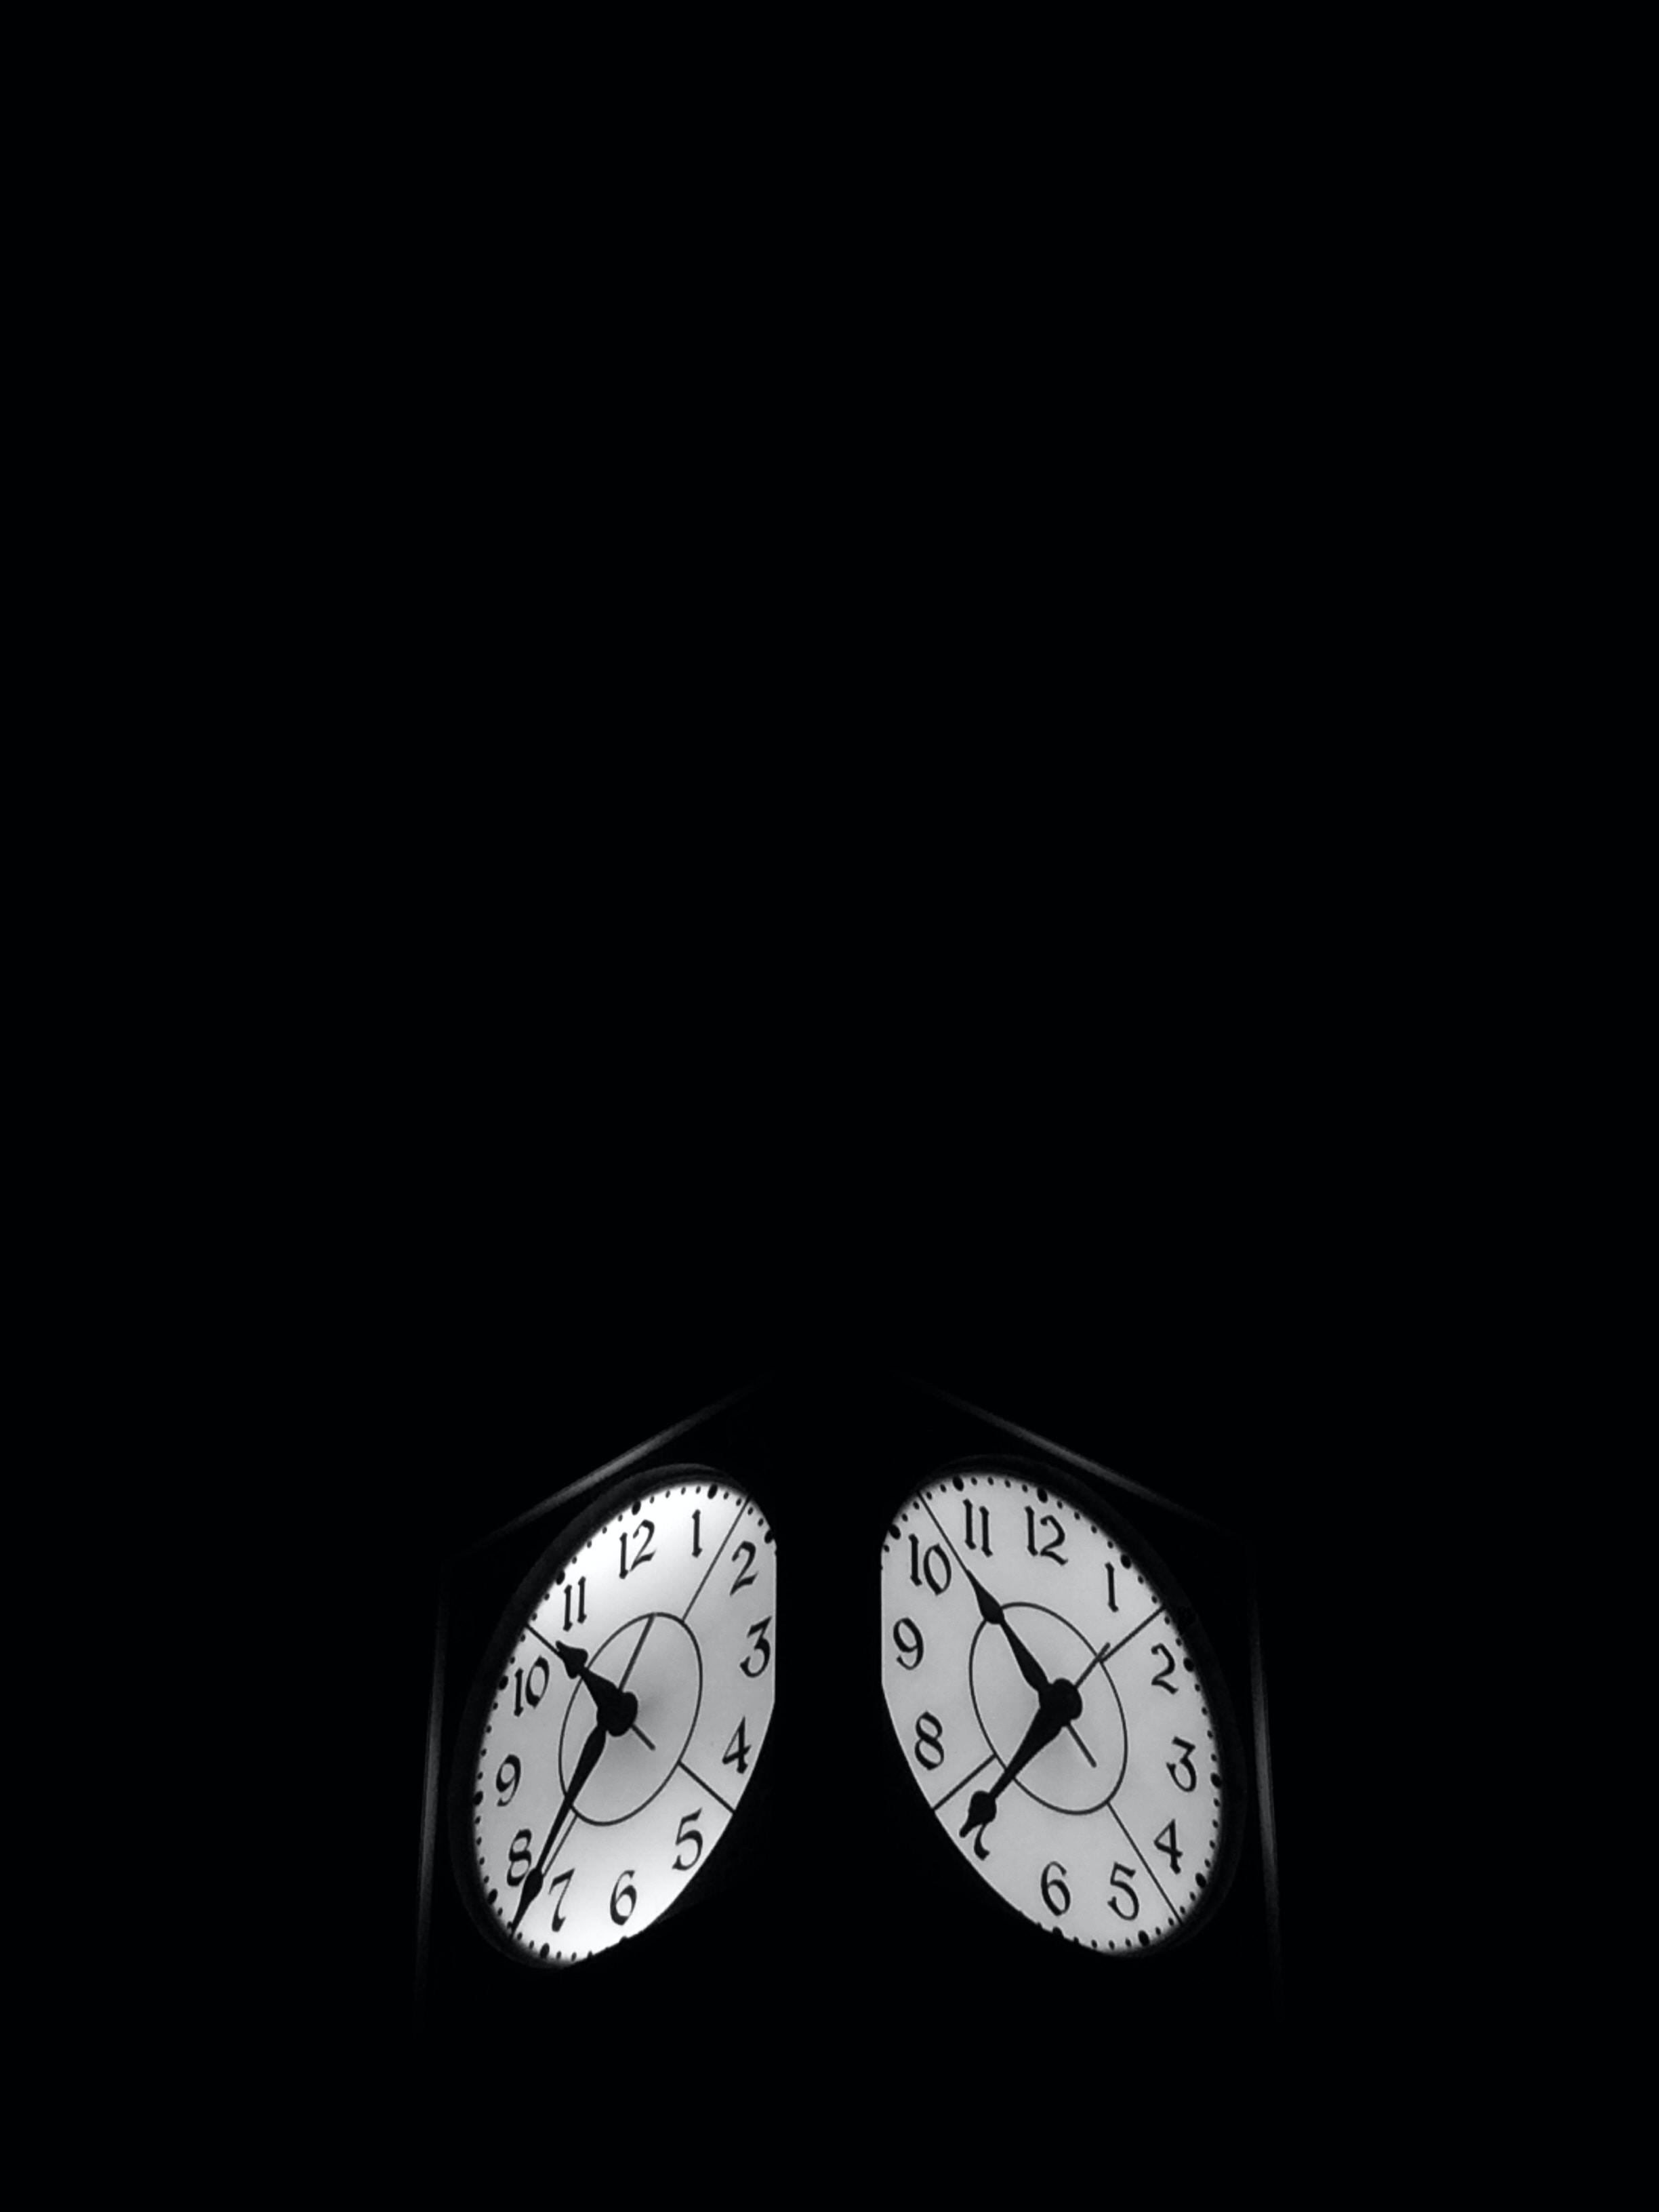 black clock displaying 7:52